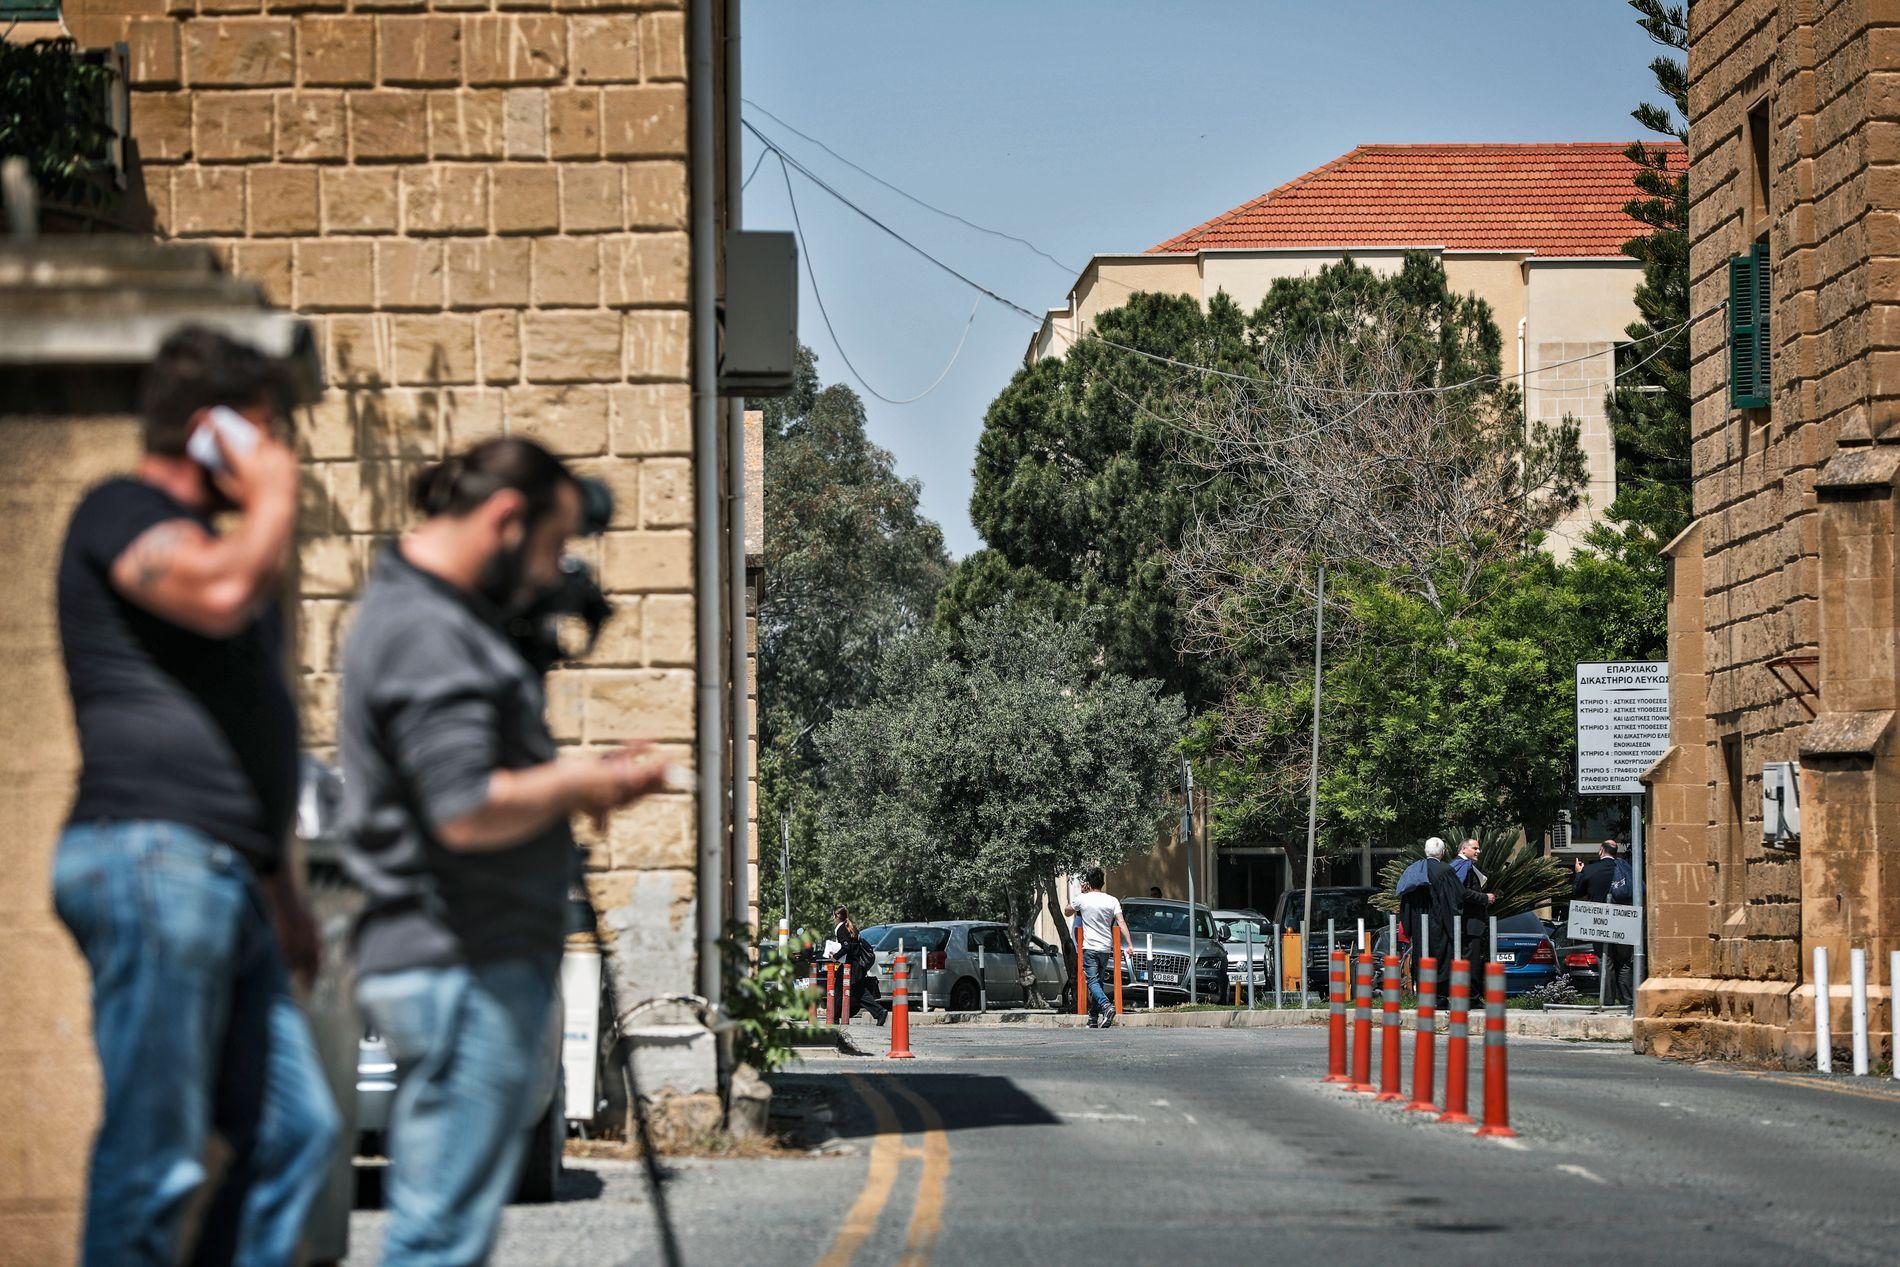 PÅGREPET: Fire menn er pågrepet i forbindelse med bortføringen av den tre år gamle jenta på Kypros. Mennene fremstilles for retten fredag.